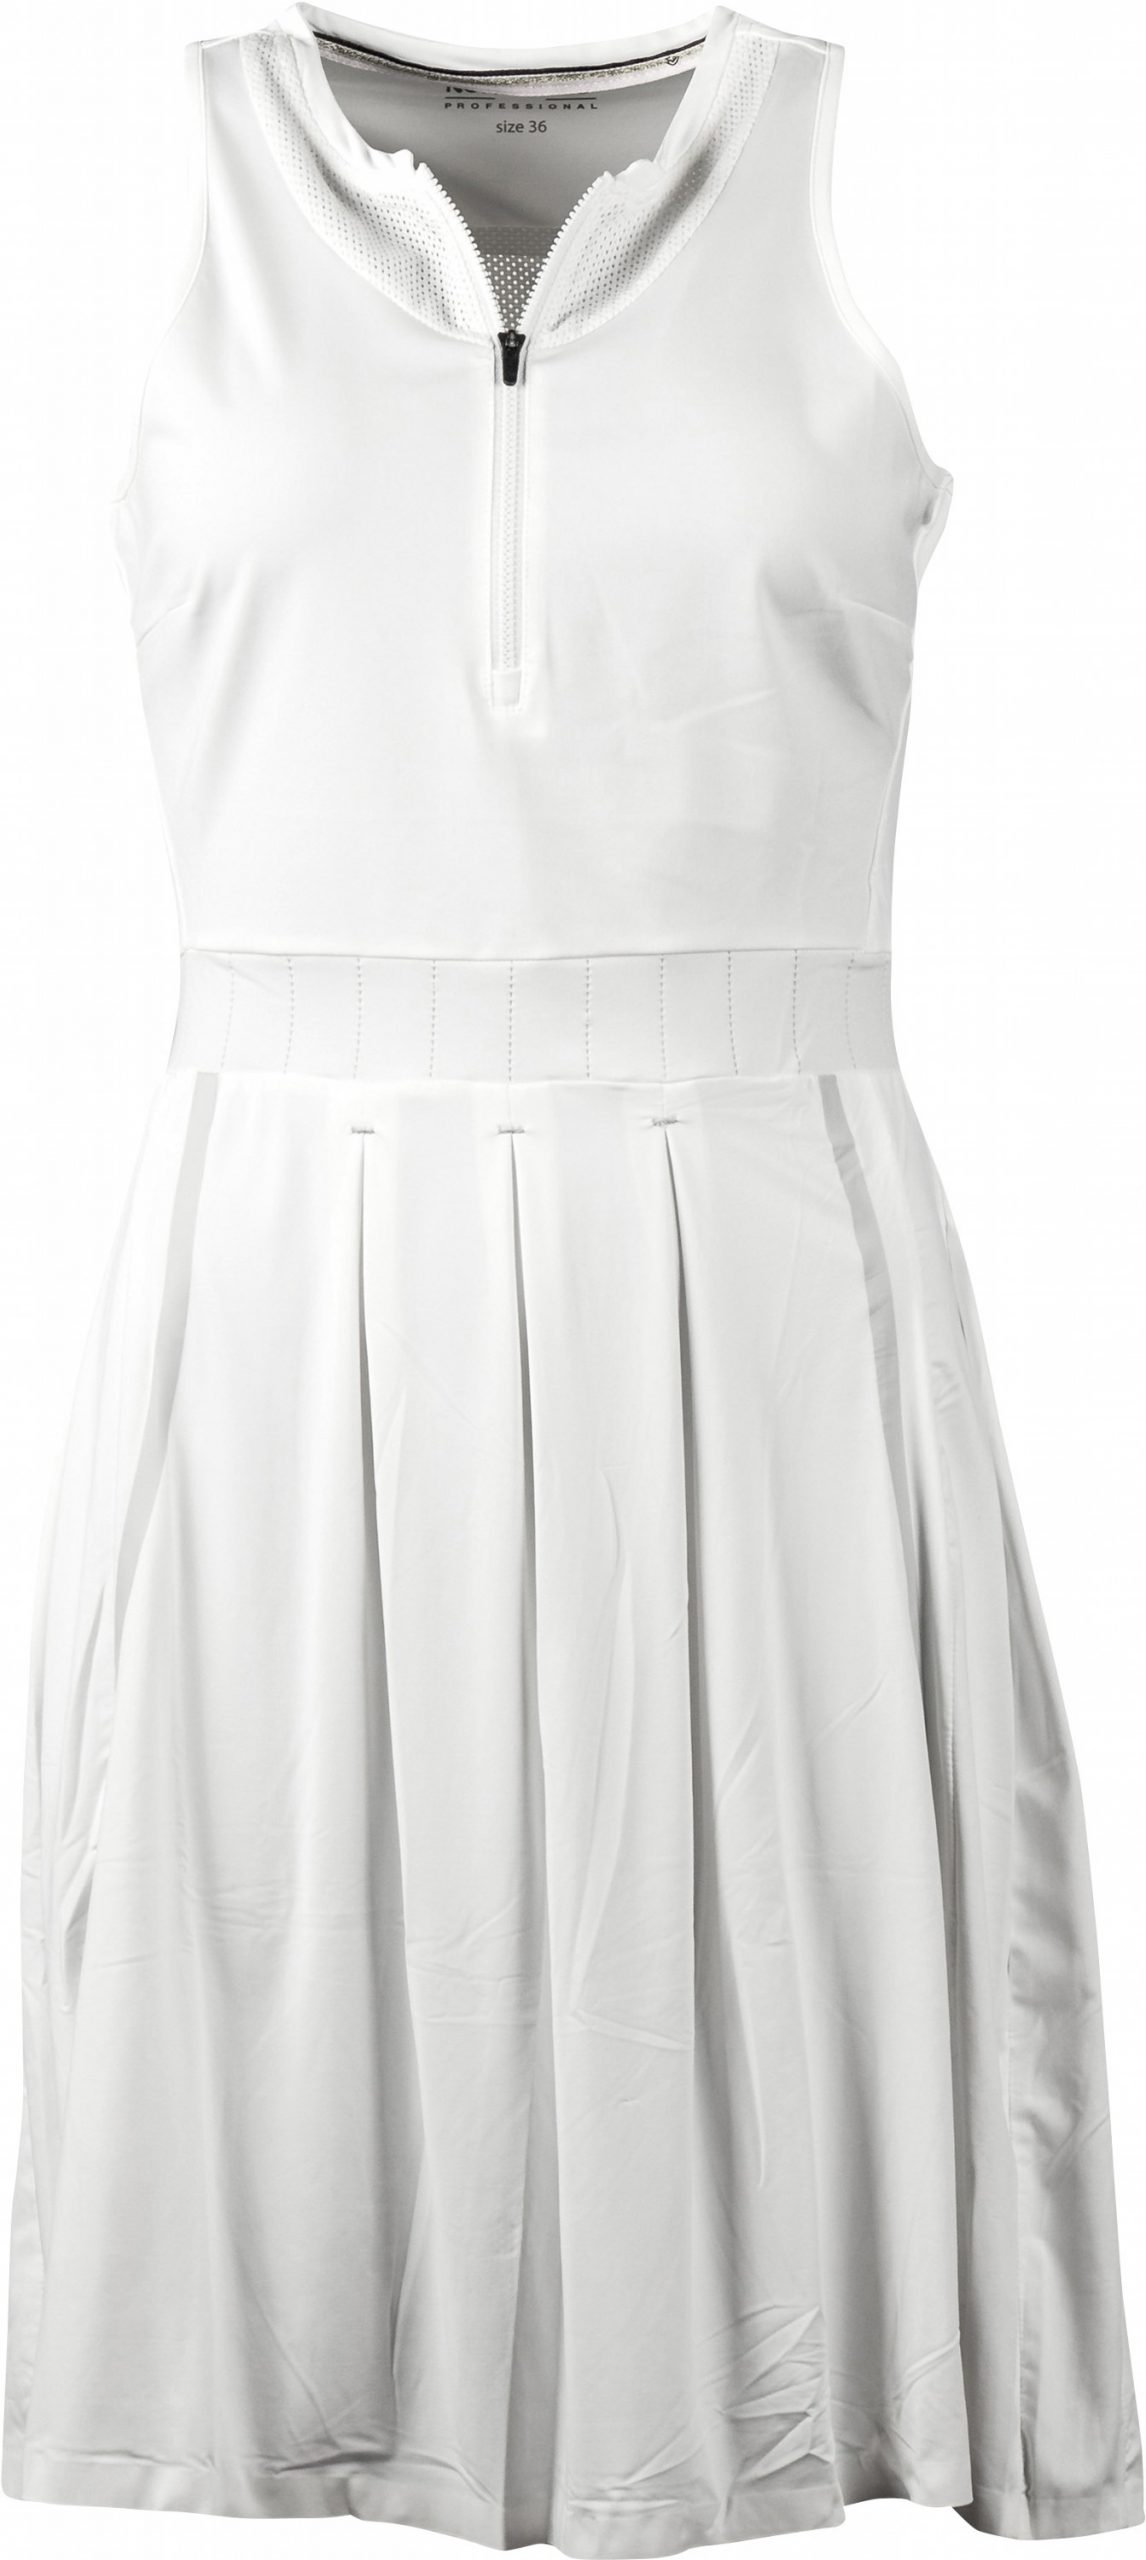 Abend Top Kleid 34 Vertrieb13 Erstaunlich Kleid 34 Spezialgebiet